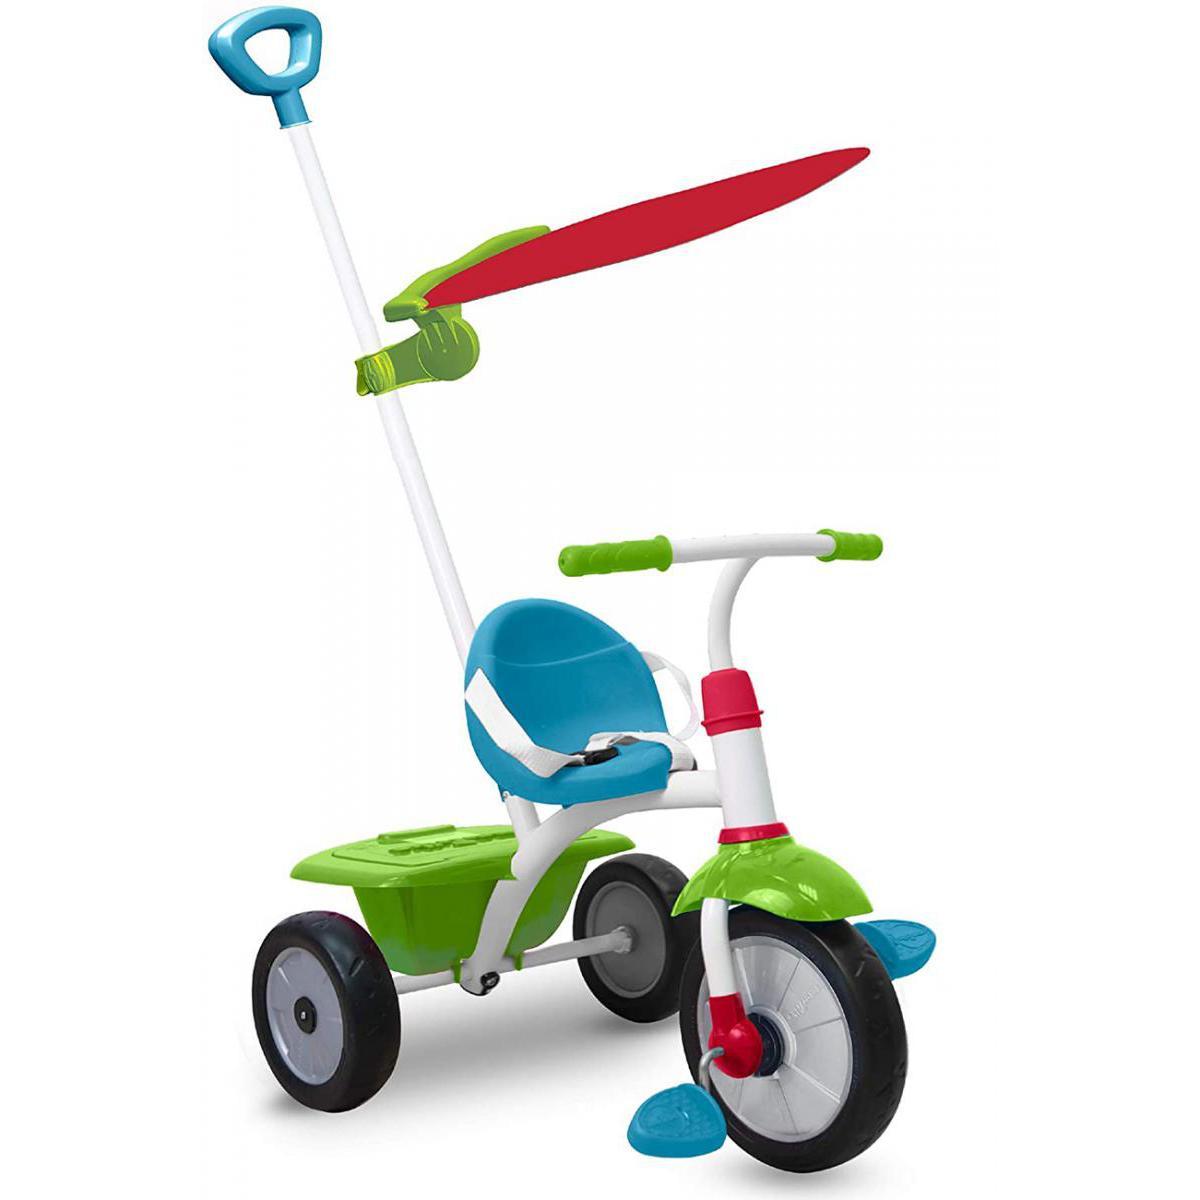 Smart Trike SmarTrike Tricycle Fun Plus bleu vert rouge rose